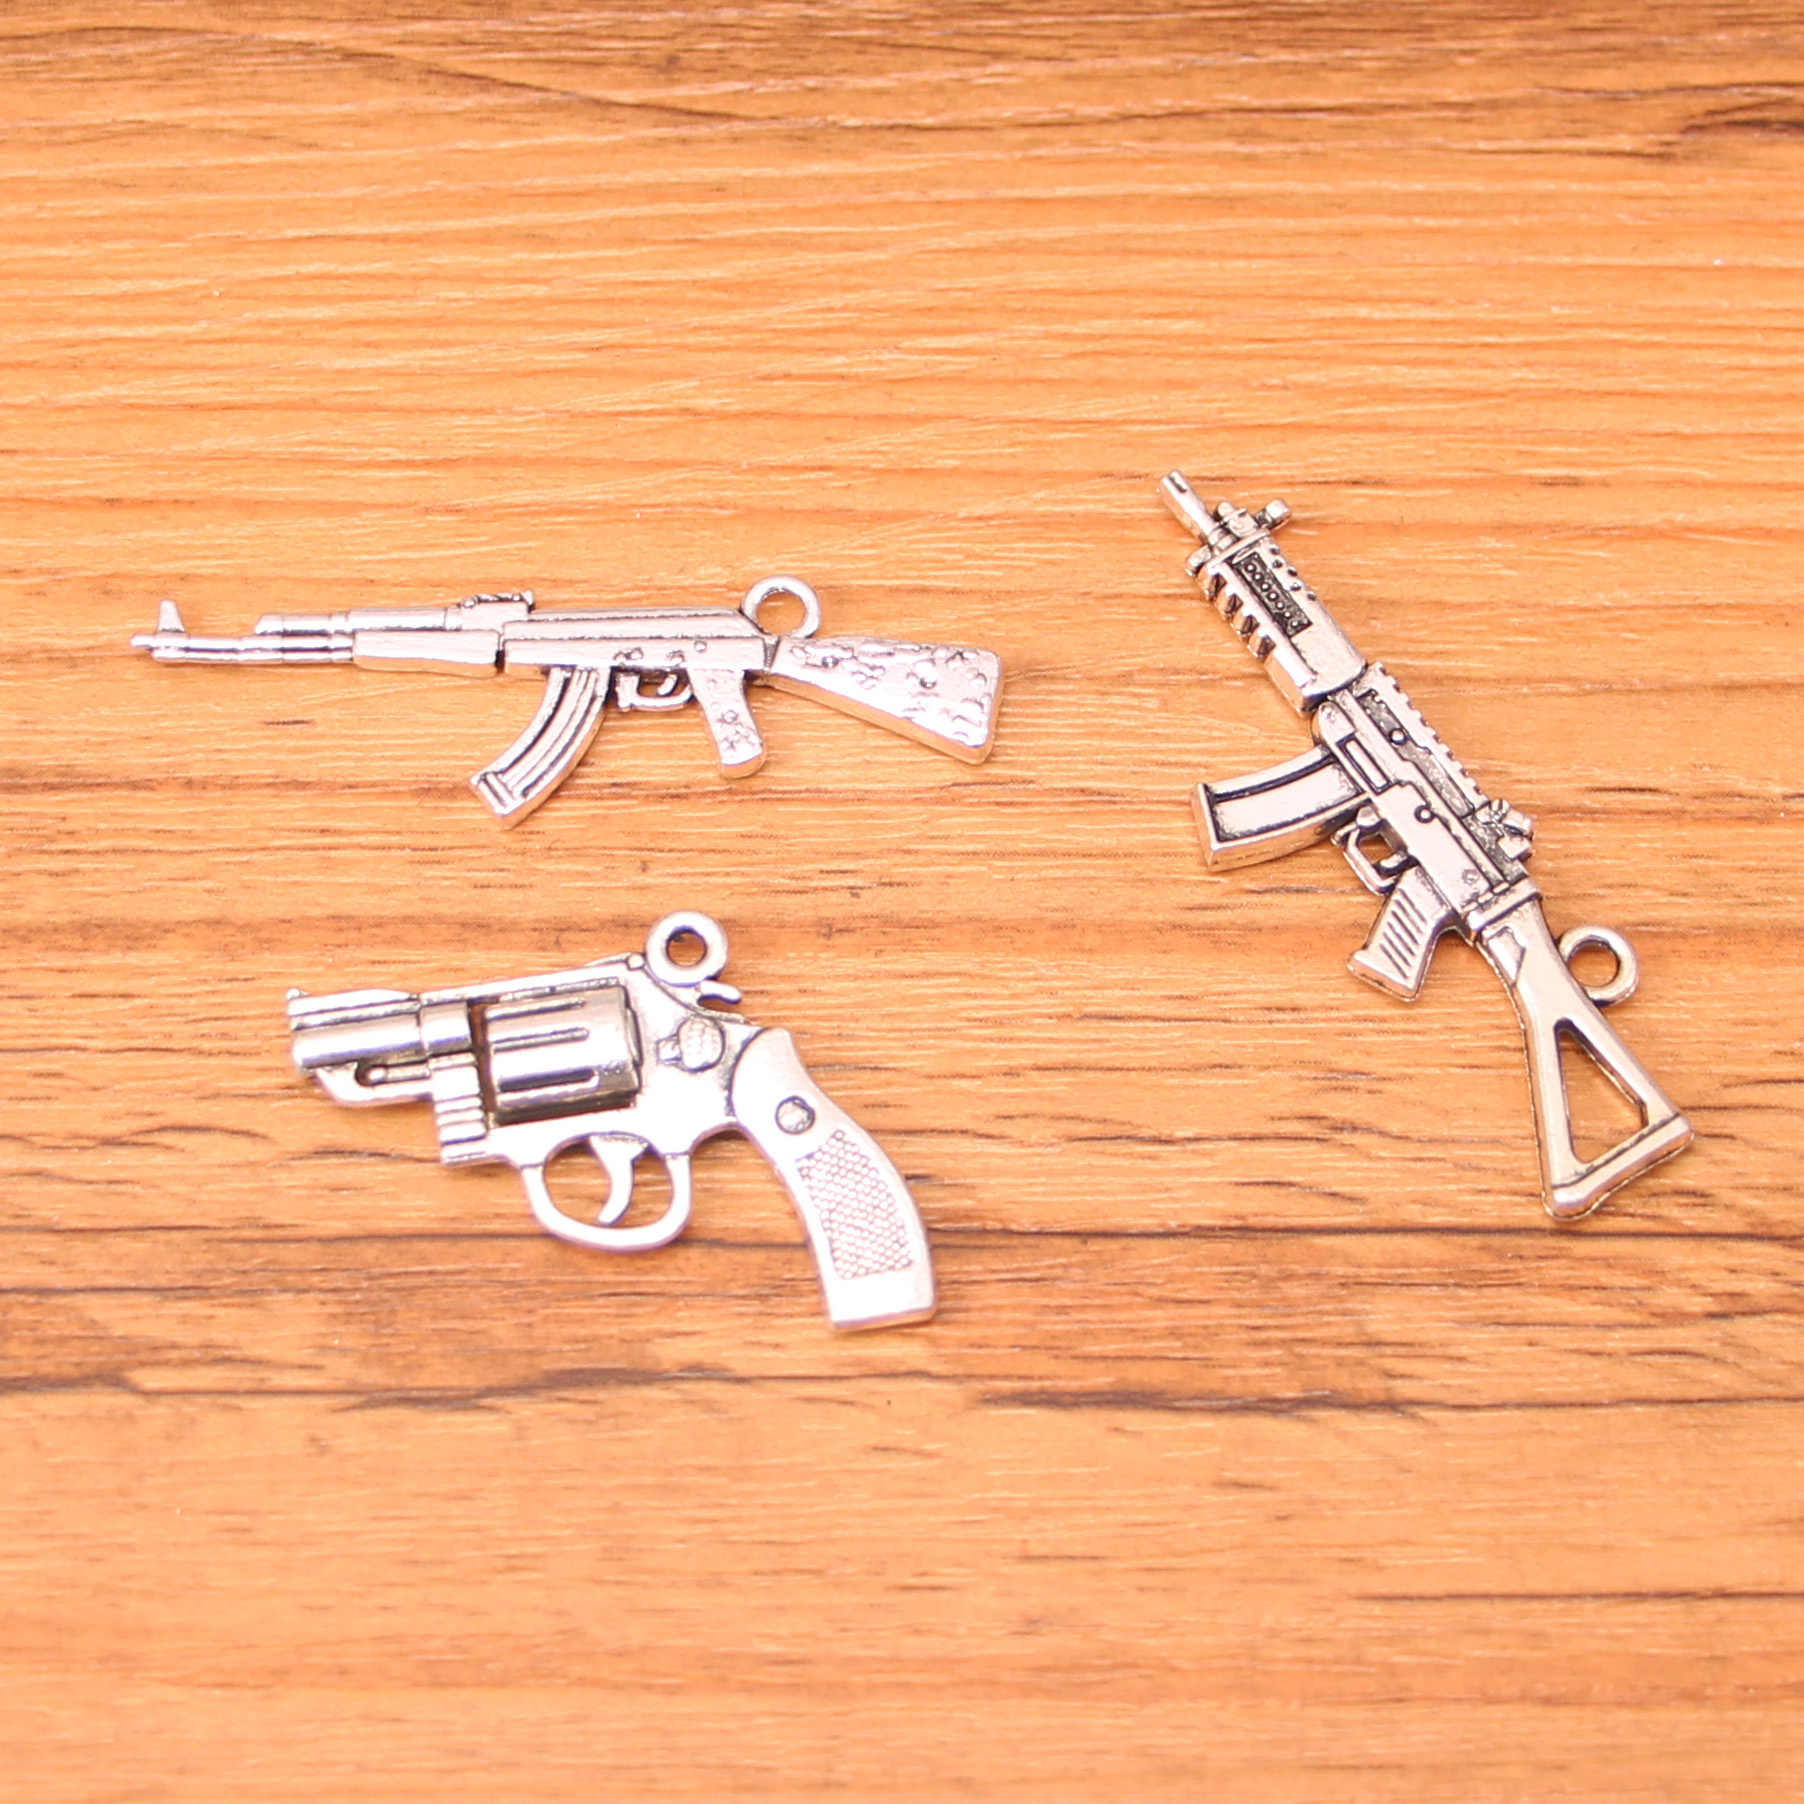 Antieke zilveren pistool machinepistool sniper rifle gun Vuurwapens Charms DIY Hanger Armband Ketting Oorbel Voor Sieraden Maken